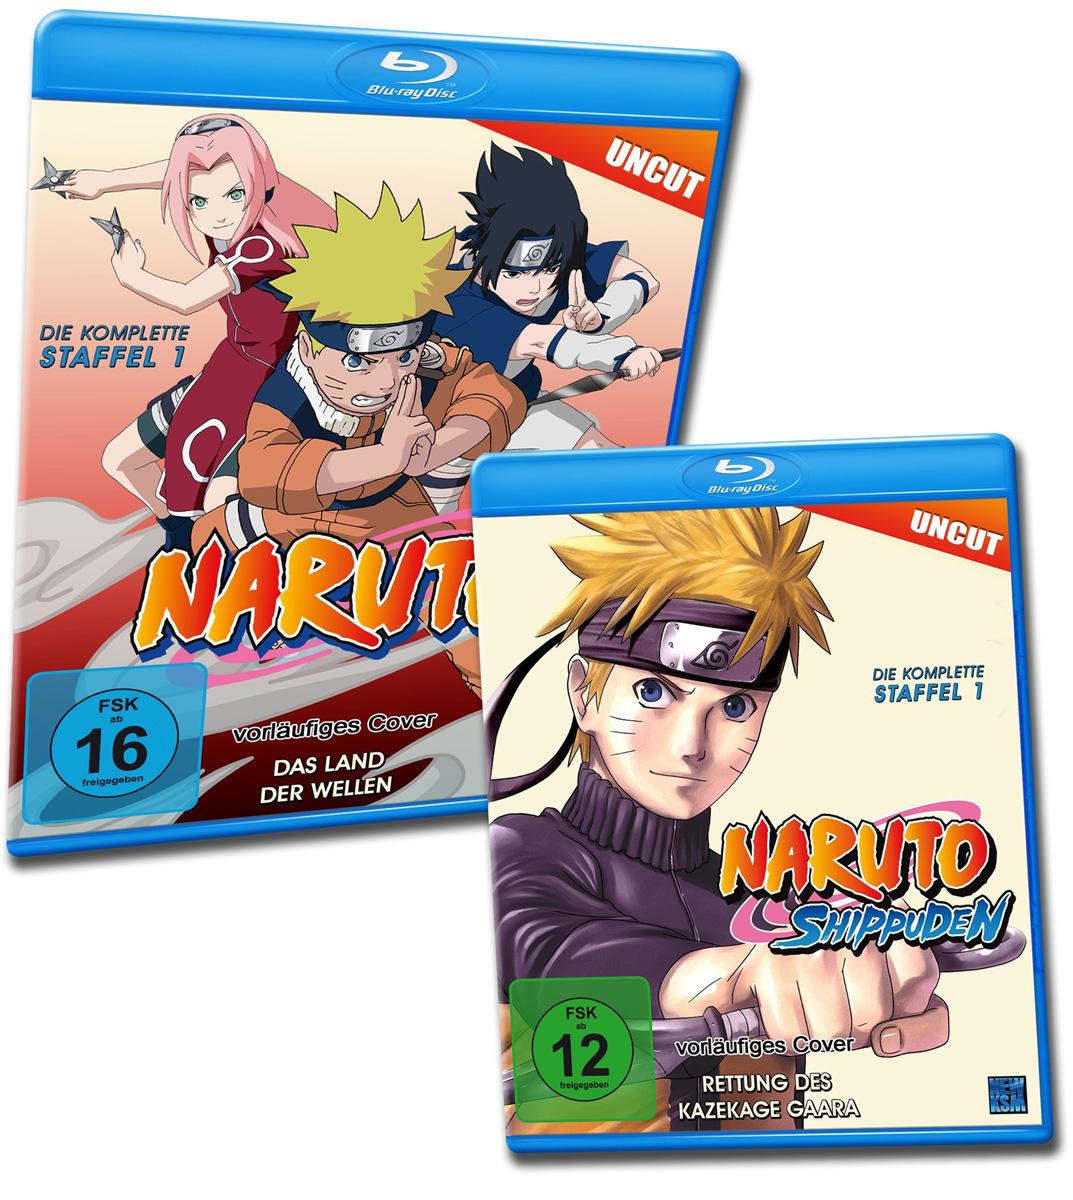 KSM veröffentlicht alte Anime Serie erneut auf Blu-ray. Auch Naruto u